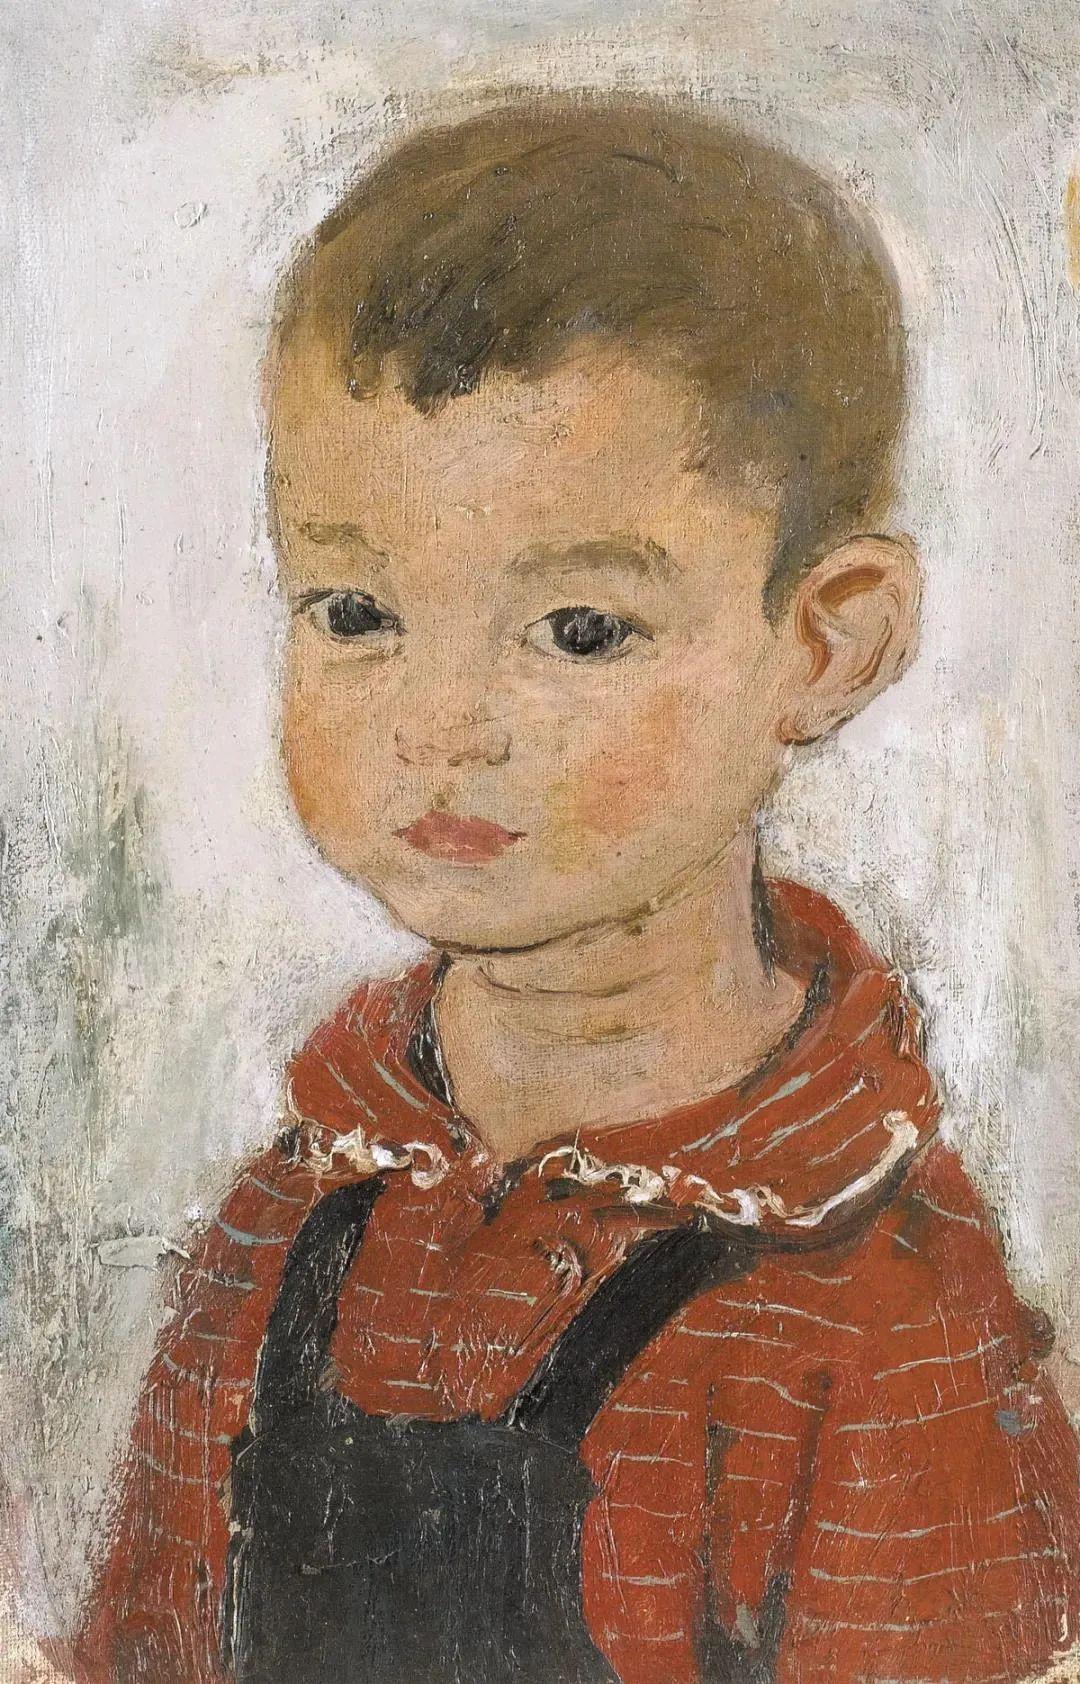 中国当代绘画艺术展作品欣赏之 苏天赐插图61